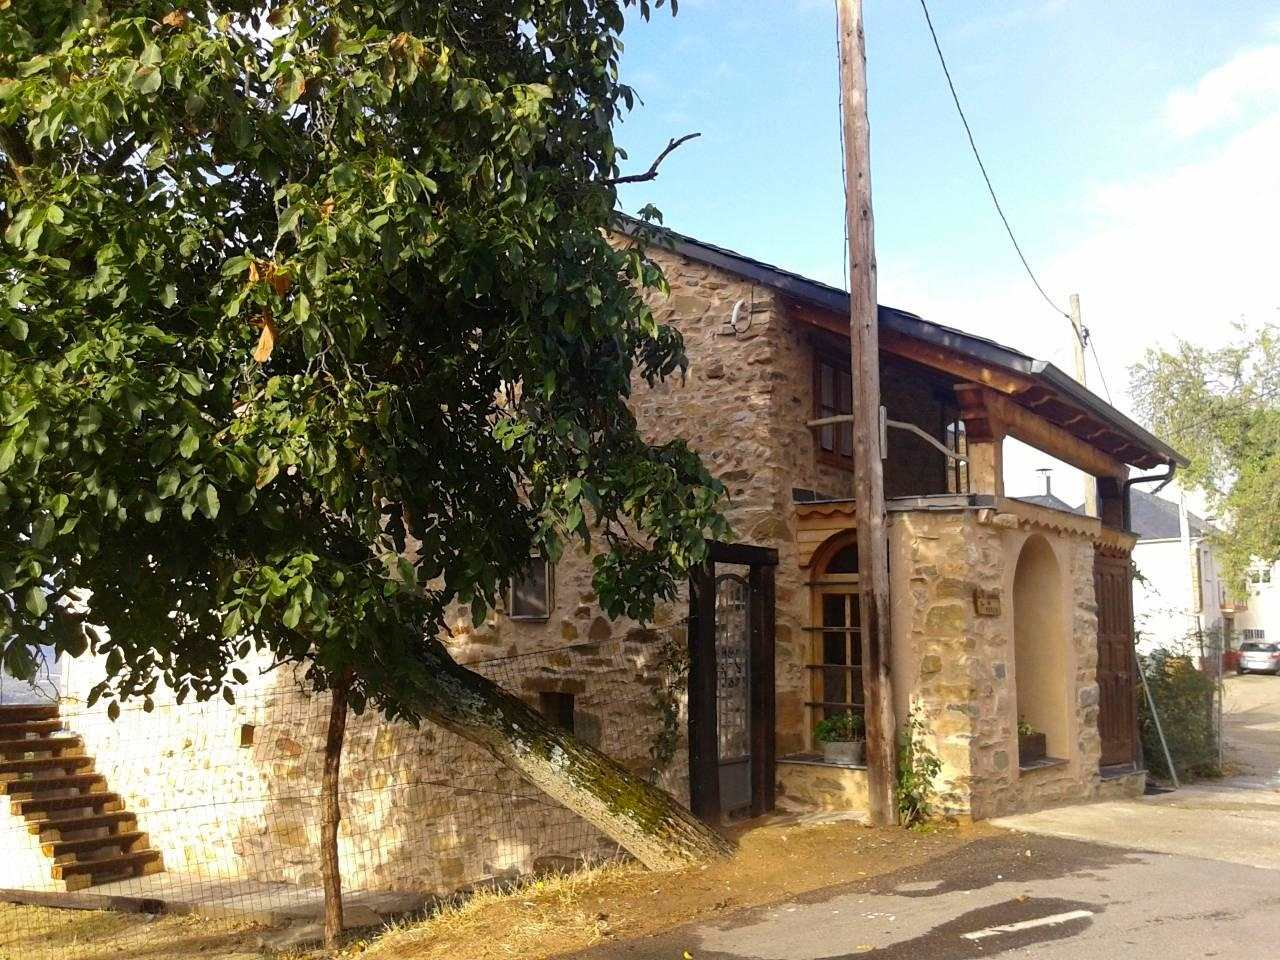 Alquiler vacaciones en Tedejo, León